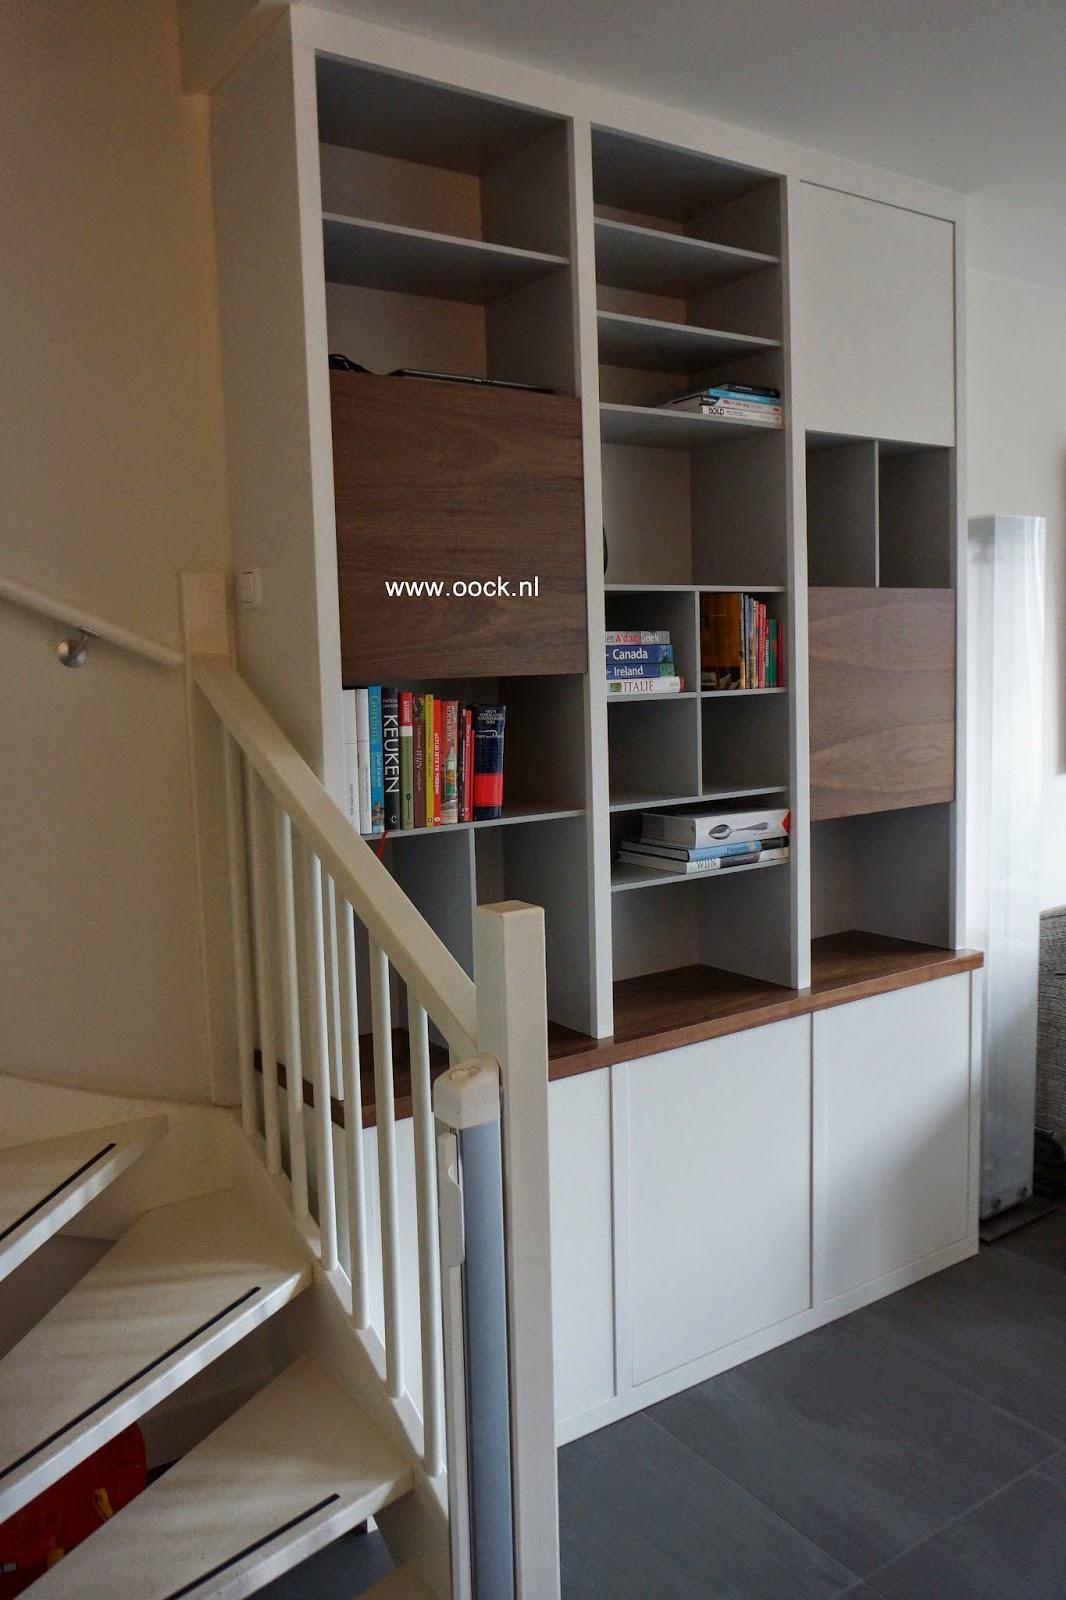 Interieurbouw trends in maatwerk boekenkasten - Boekenkast hout en ijzer ...